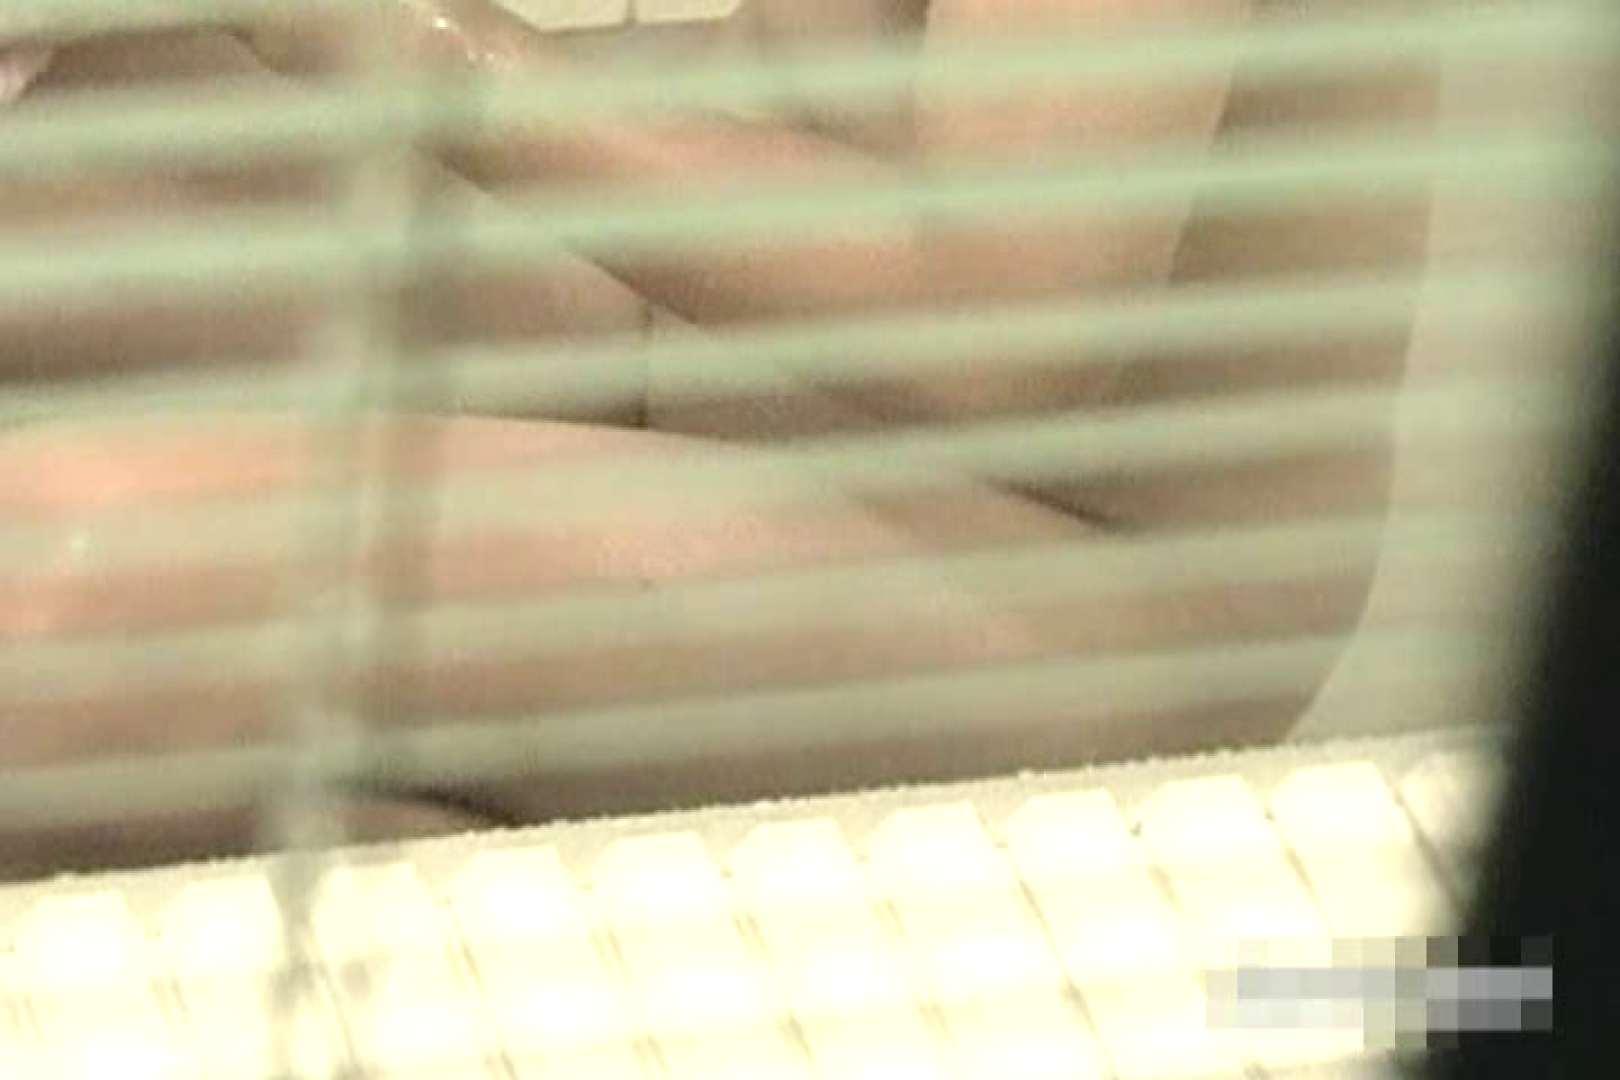 激撮ストーカー記録あなたのお宅拝見しますVol.4 0   0  51画像 34